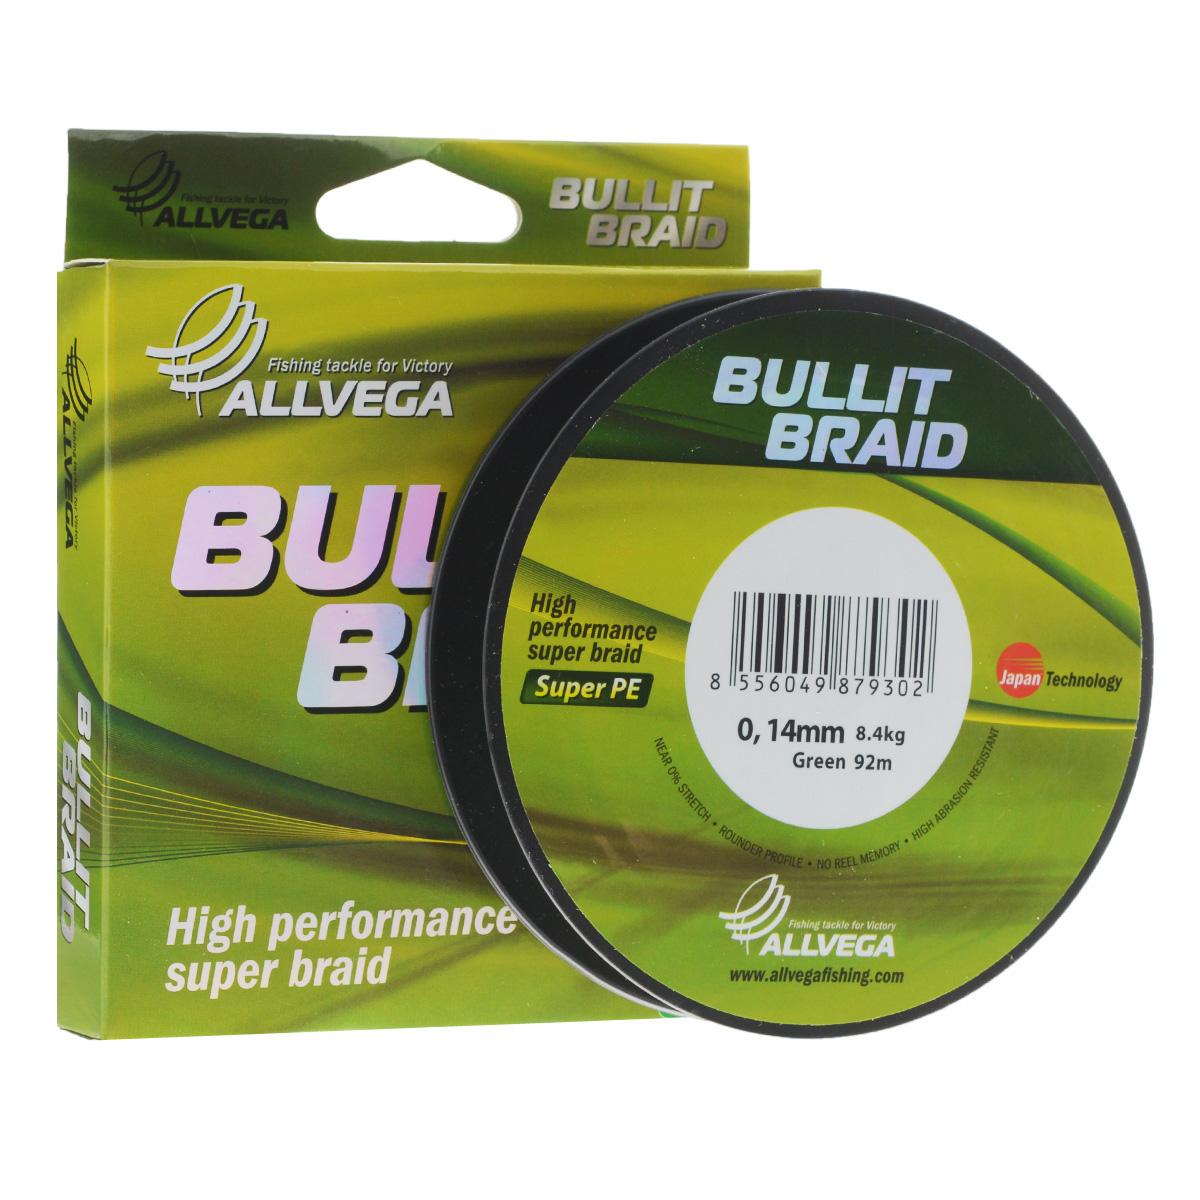 Леска плетеная Allvega Bullit Braid, цвет: темно-зеленый, 92 м, 0,14 мм, 8,4 кг21421Леска Allvega Bullit Braid с гладкой поверхностью и одинаковым сечением по всей длине обладает высокой износостойкостью. Благодаря микроволокнам полиэтилена (Super PE) леска имеет очень плотное плетение и не впитывает воду. Леску Allvega Bullit Braid можно применять в любых типах водоемов. Особенности:повышенная износостойкость;высокая чувствительность - коэффициент растяжения близок к нулю;отсутствует память; идеально гладкая поверхность позволяет увеличить дальность забросов; высокая прочность шнура на узлах.